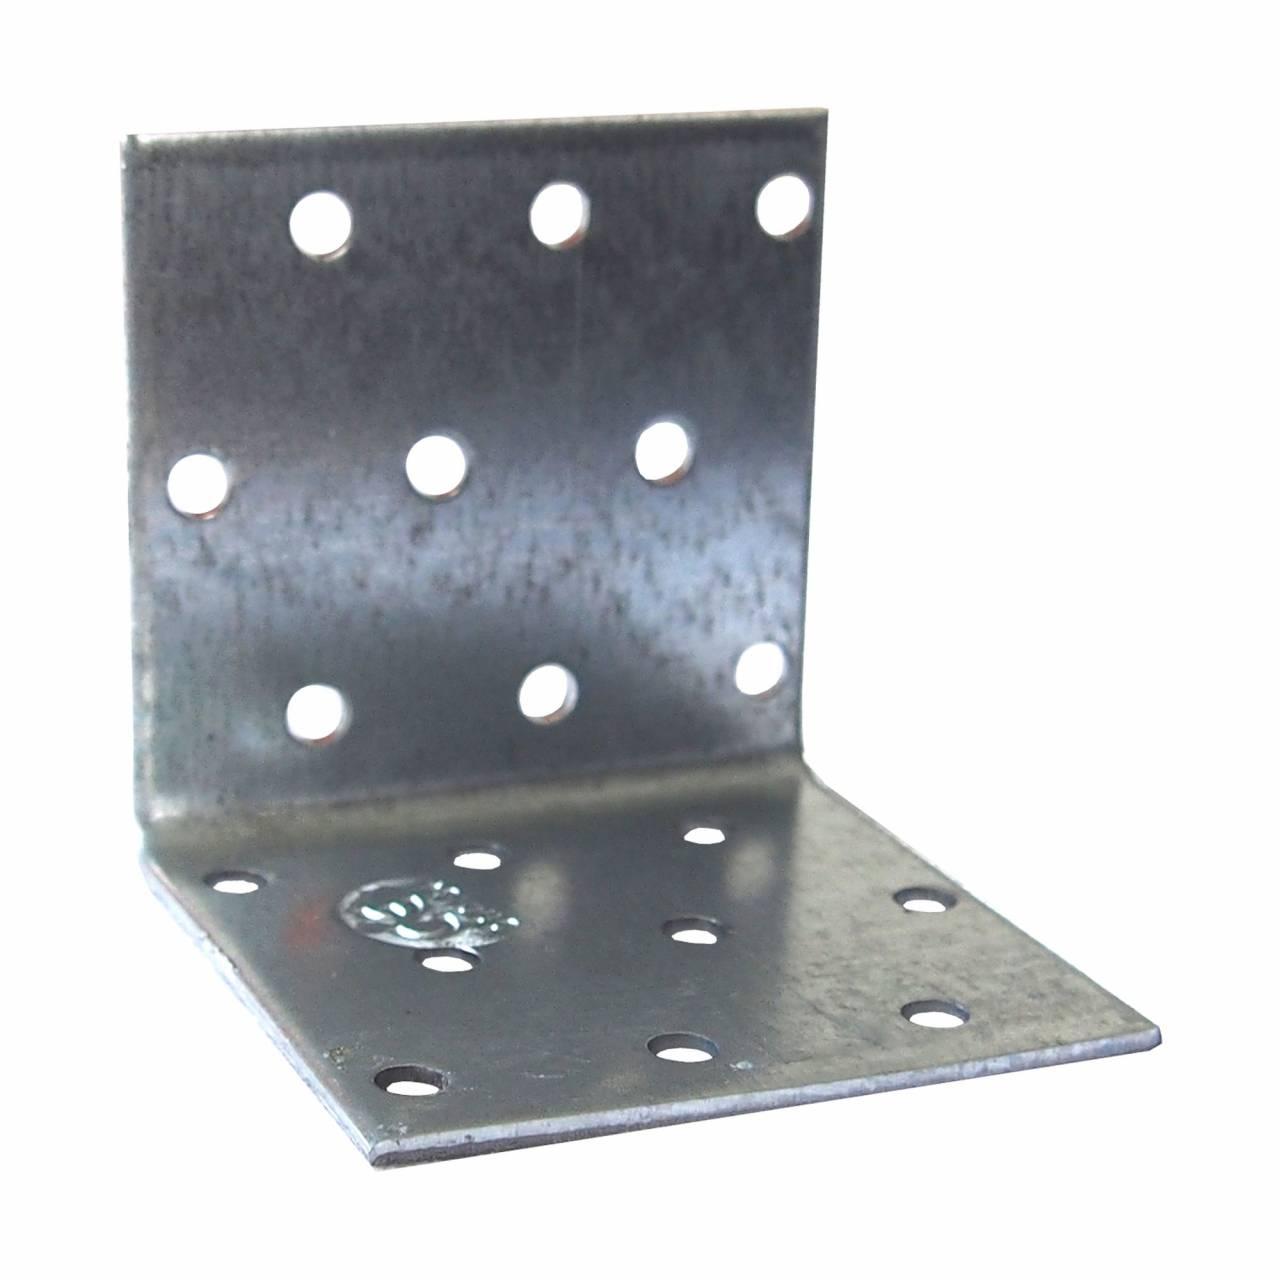 Lochplattenwinkel vz 60 x 60 x 60 x 2 mm